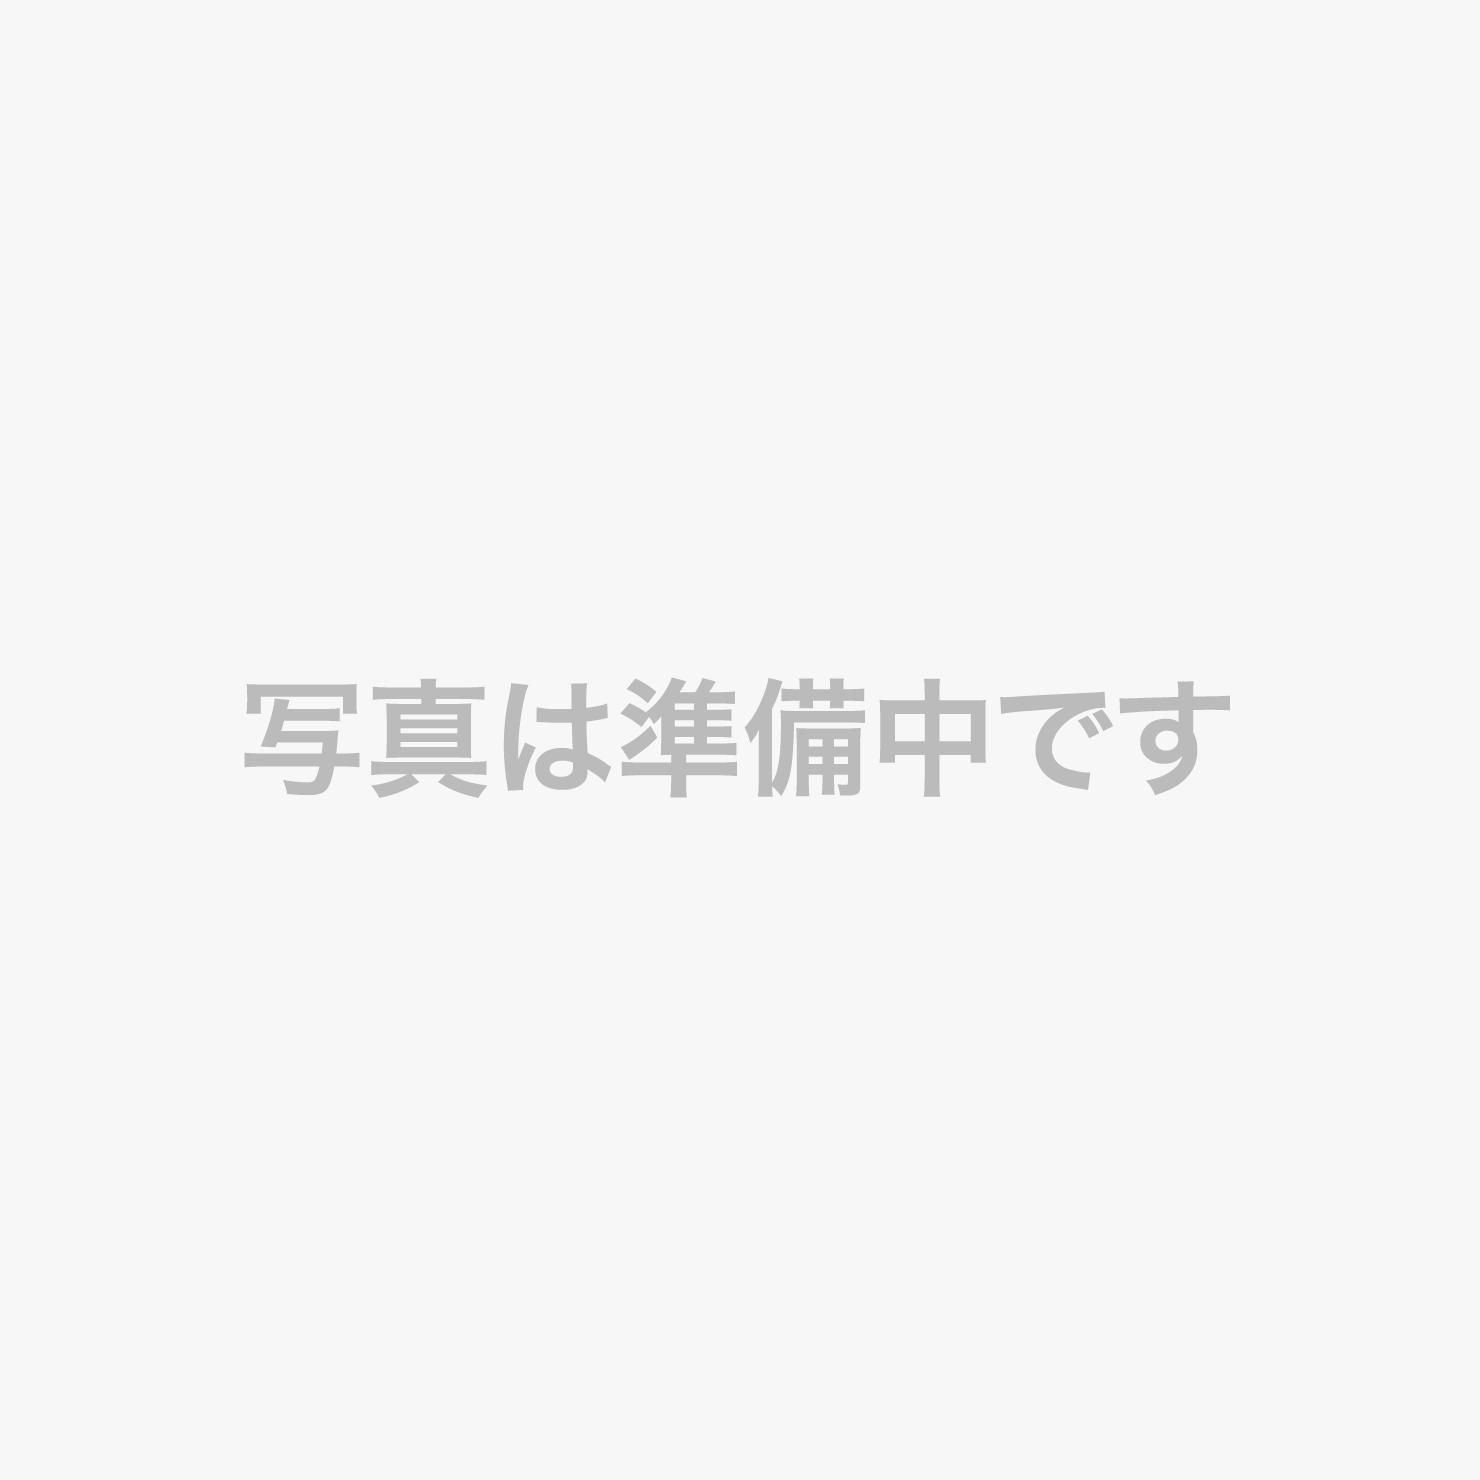 煙ふせぐ~ん(防炎フード)